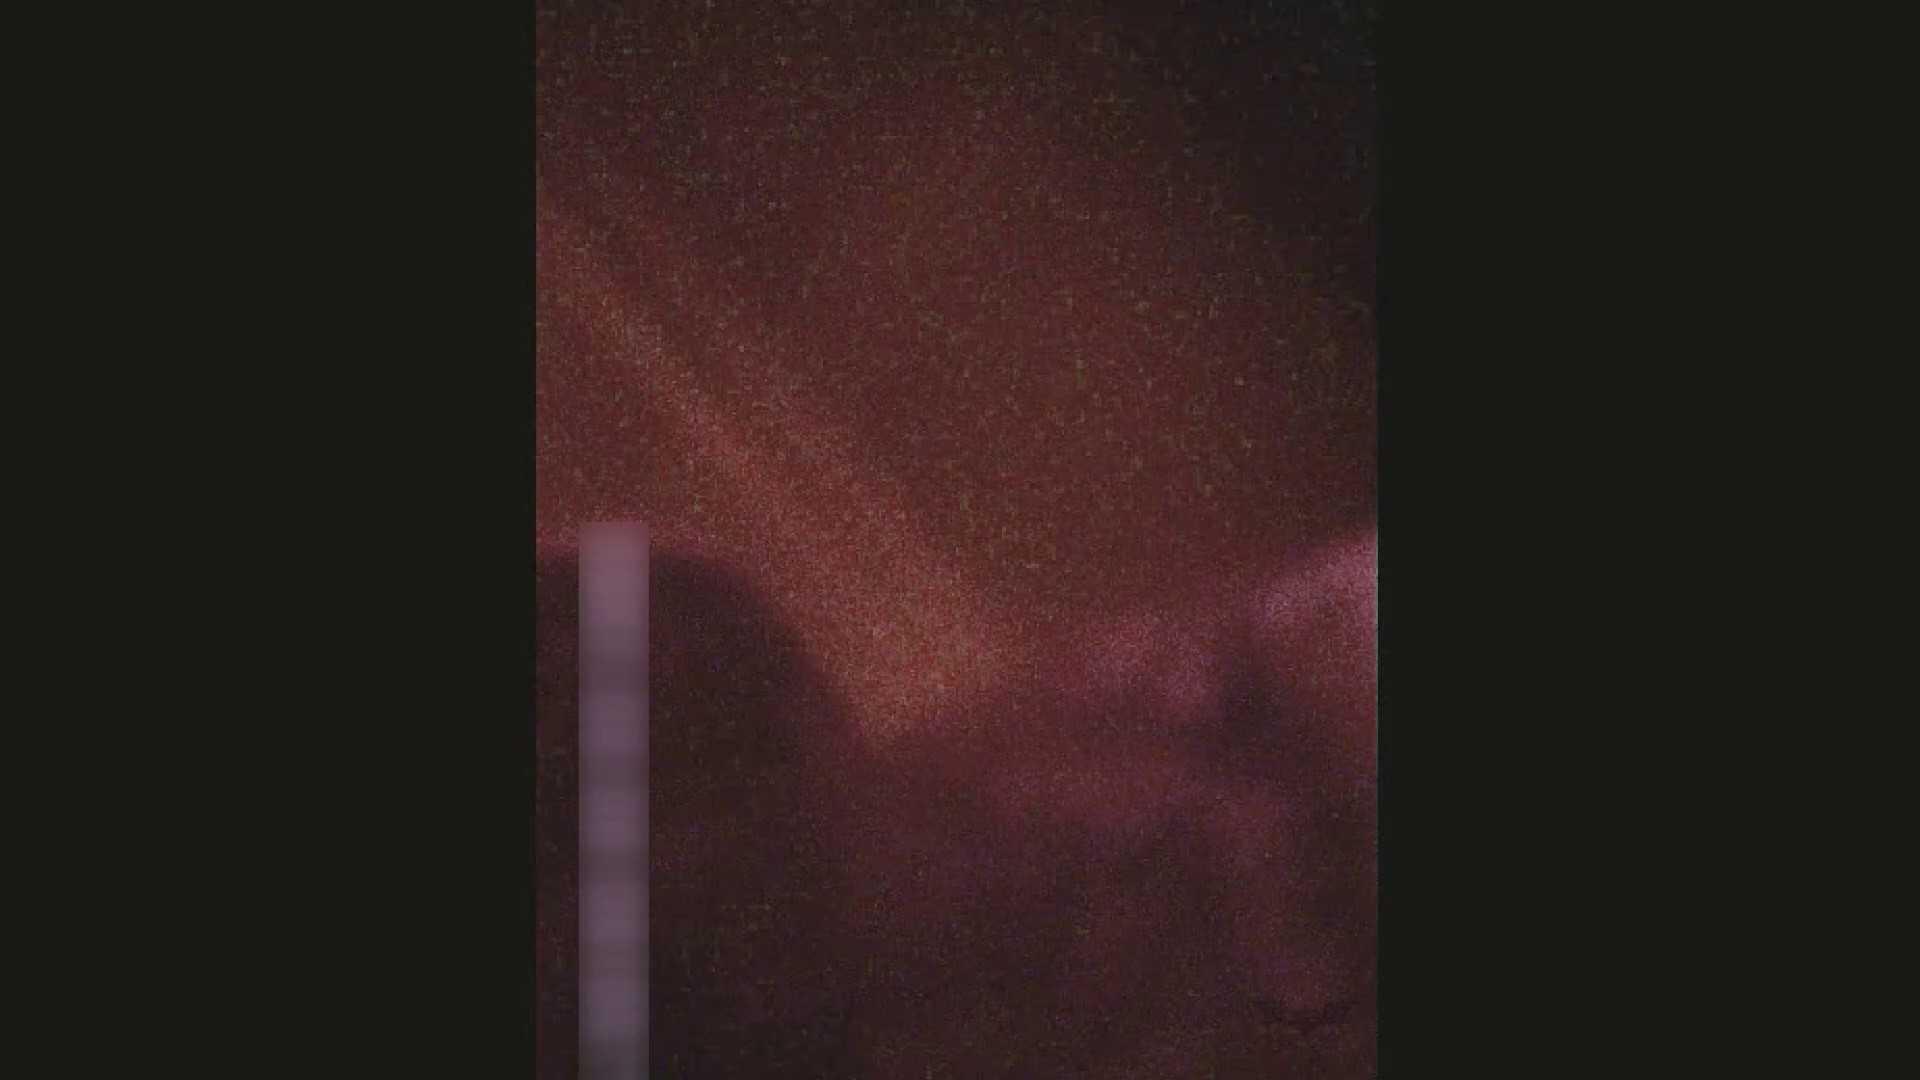 榮倉奈々 似!!激カワ ときめきチャン Vol.34 脱衣編 モデルのボディ | OLのボディ  57PIX 43